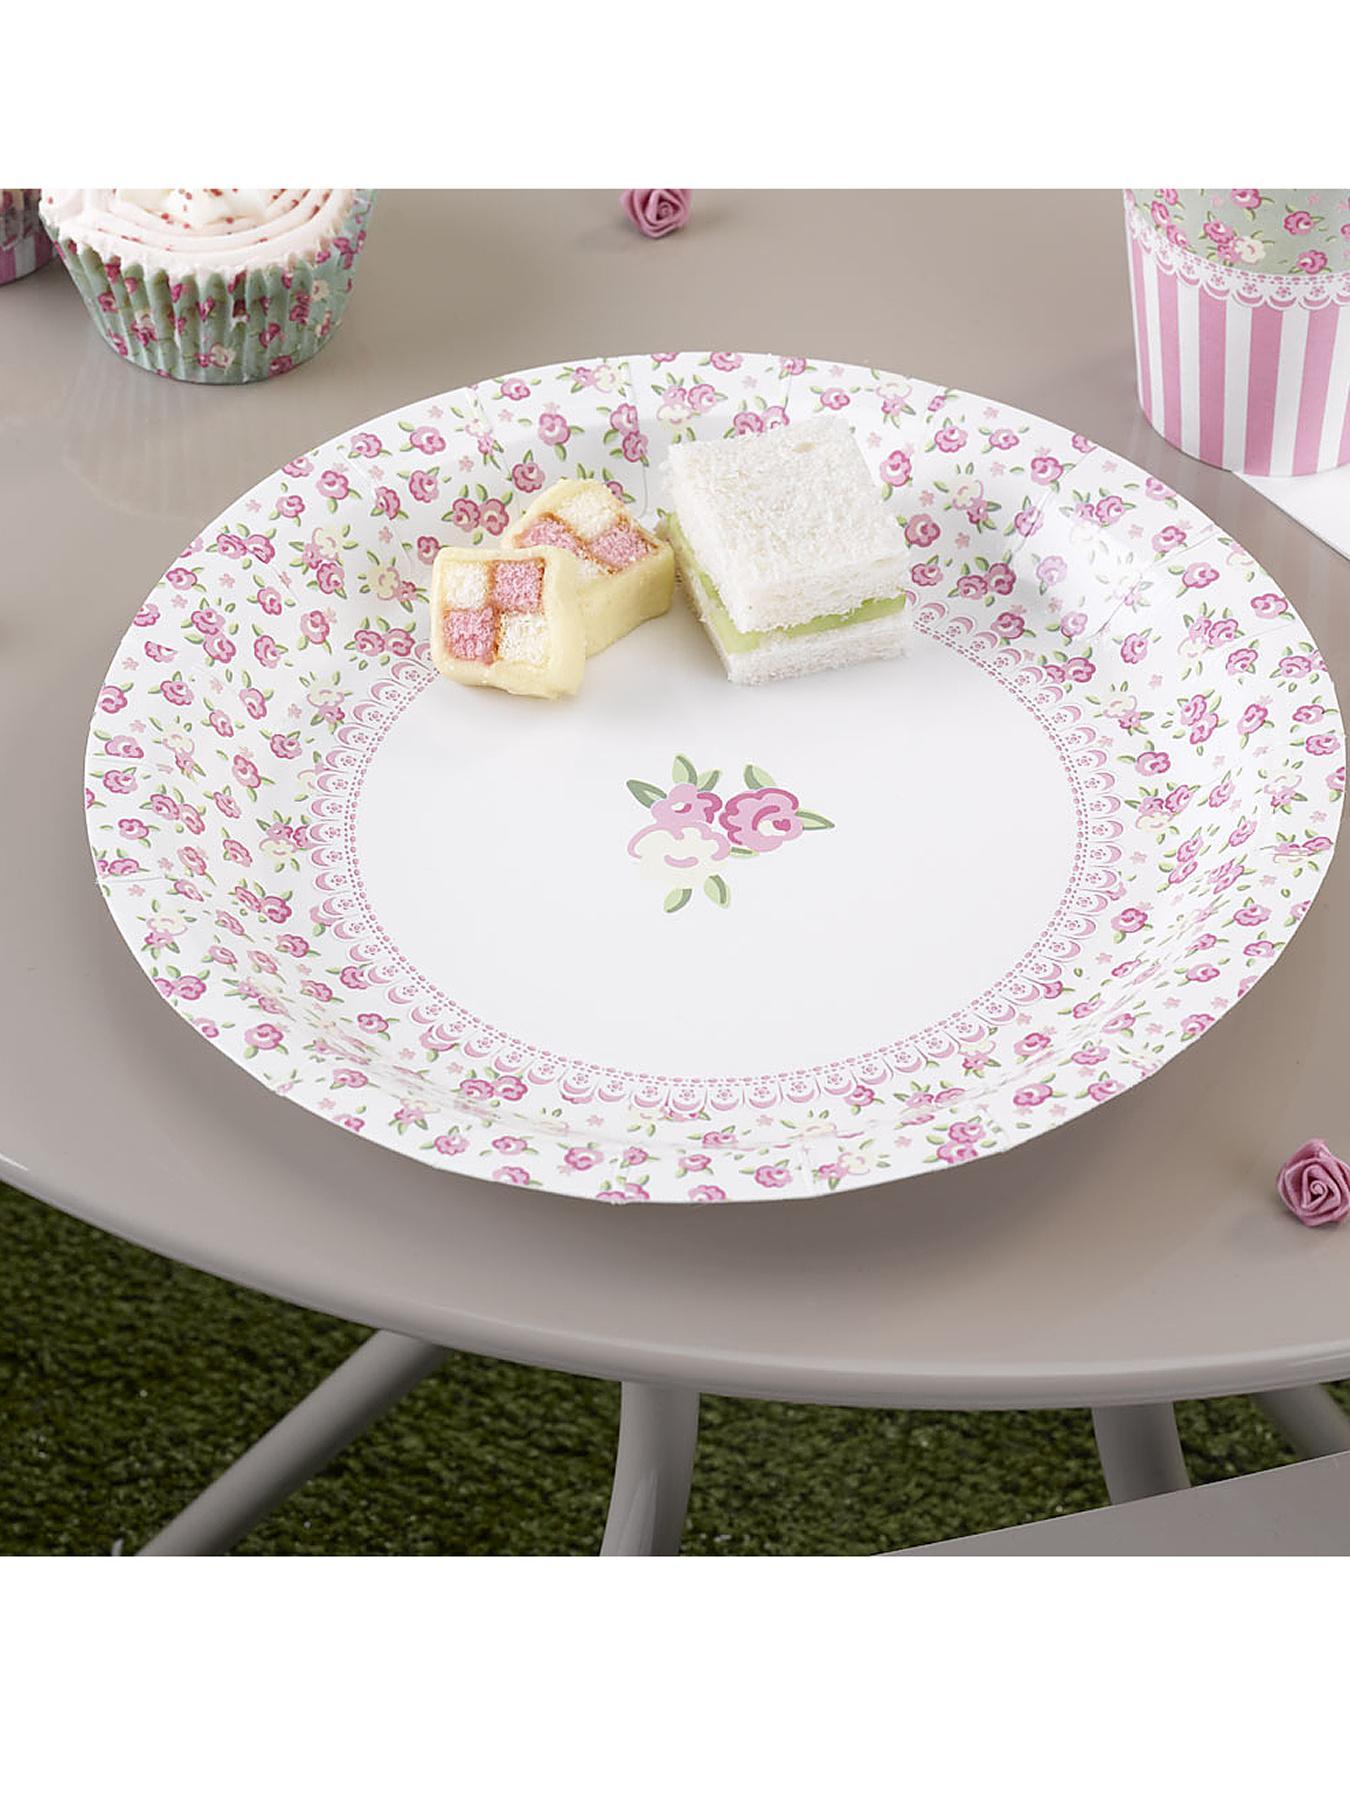 Frills & Spills Vintage Paper Plates (8 pack) at Littlewoods